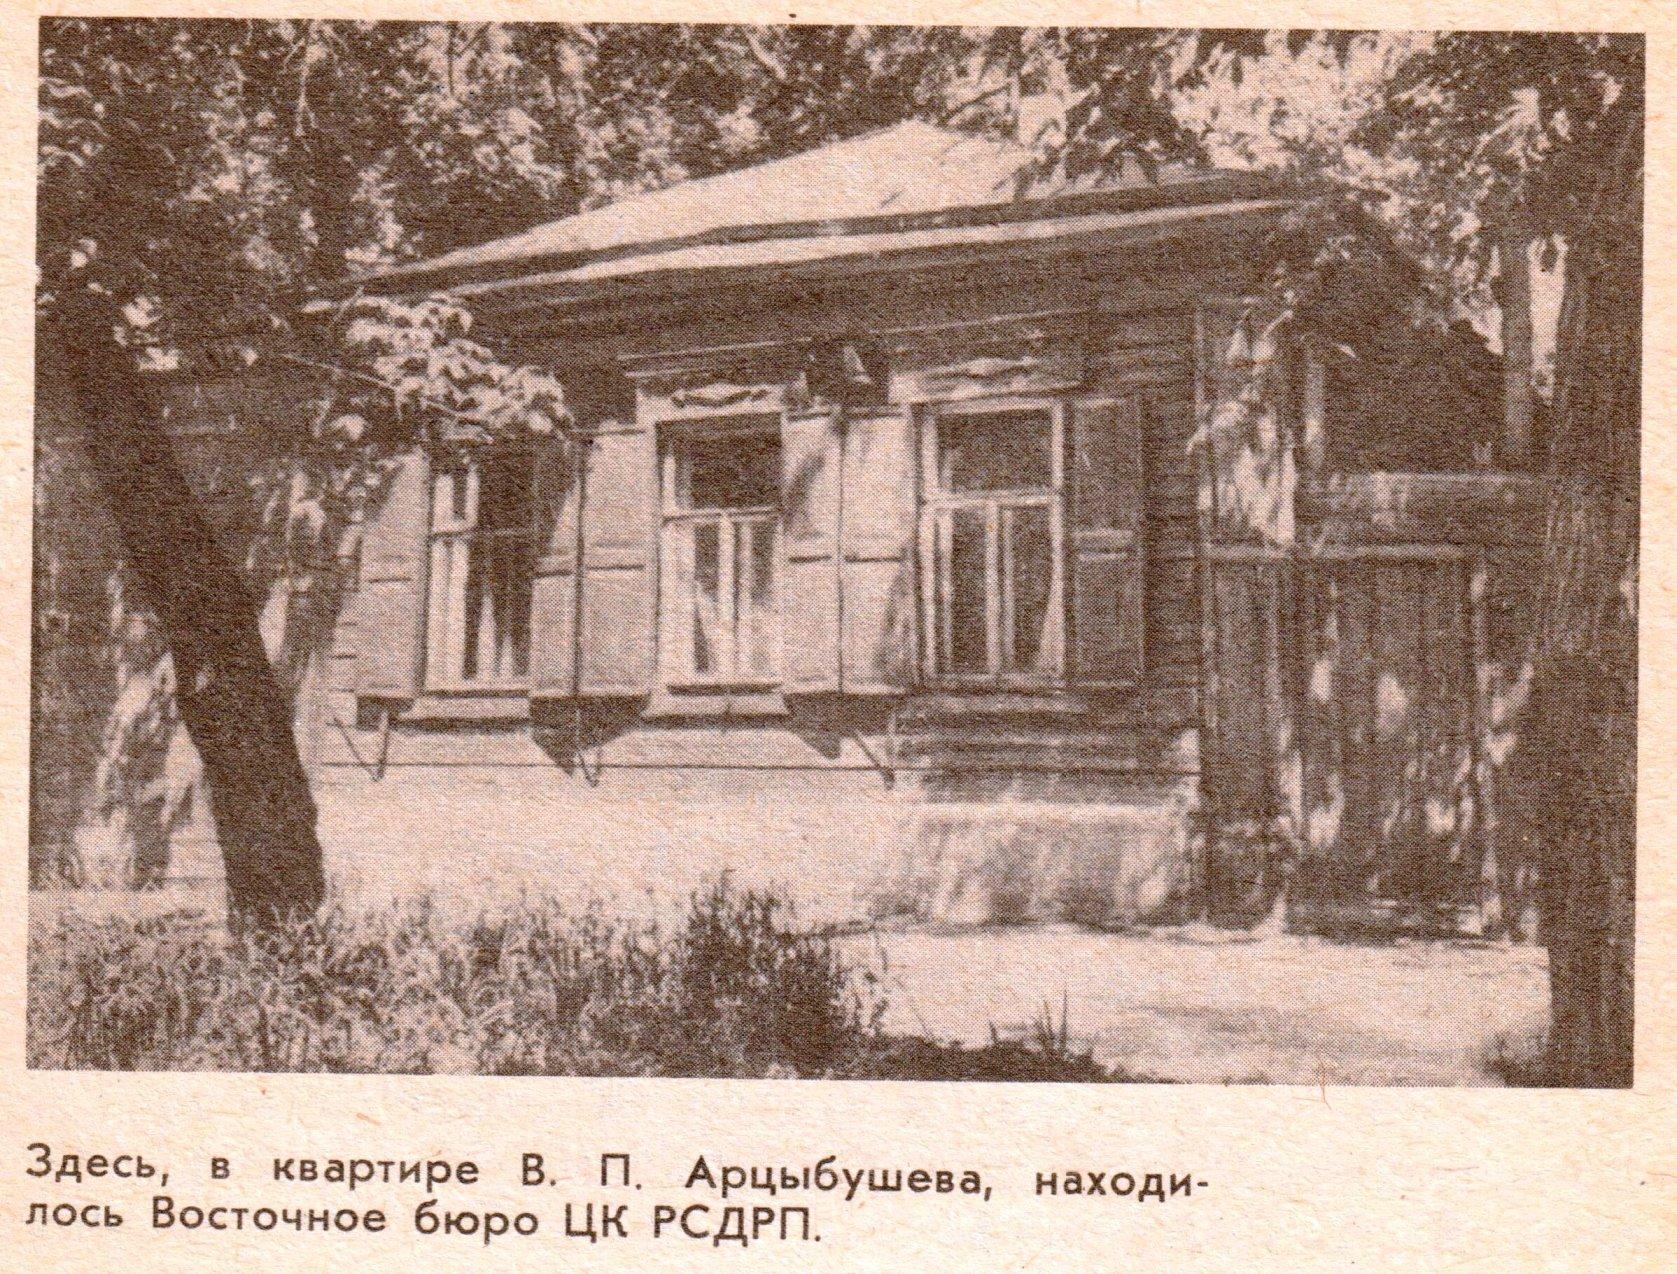 Дом, в котором жил Арцыбушев